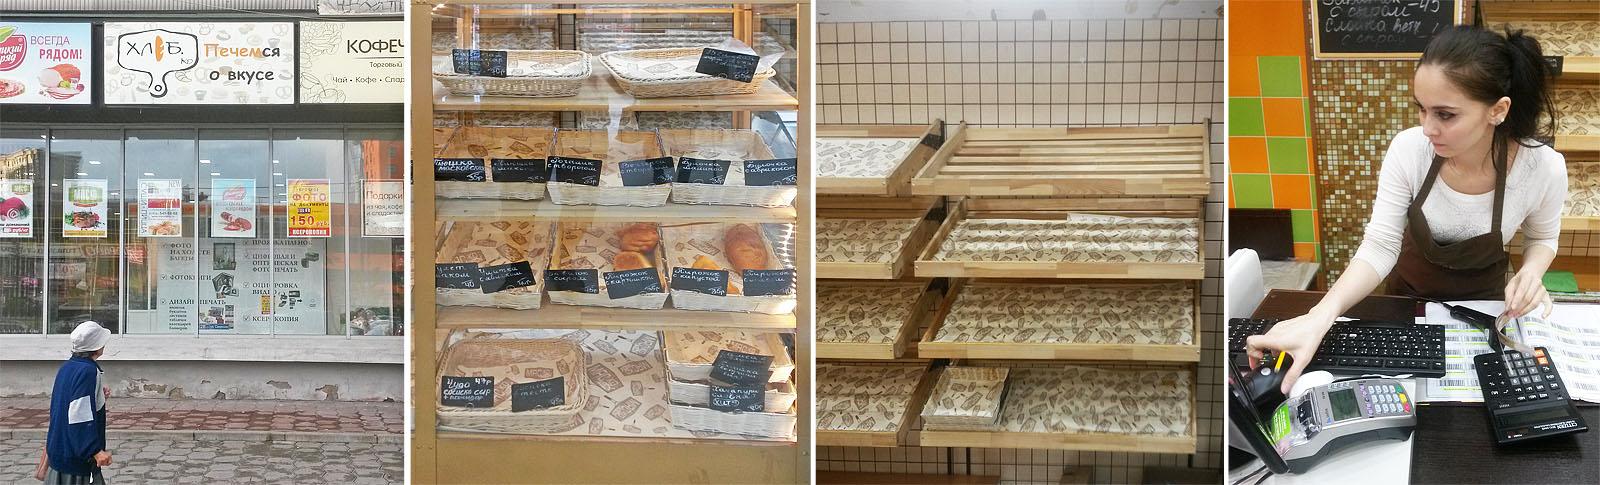 Пекарни с местной выпечкой набирают обороты.